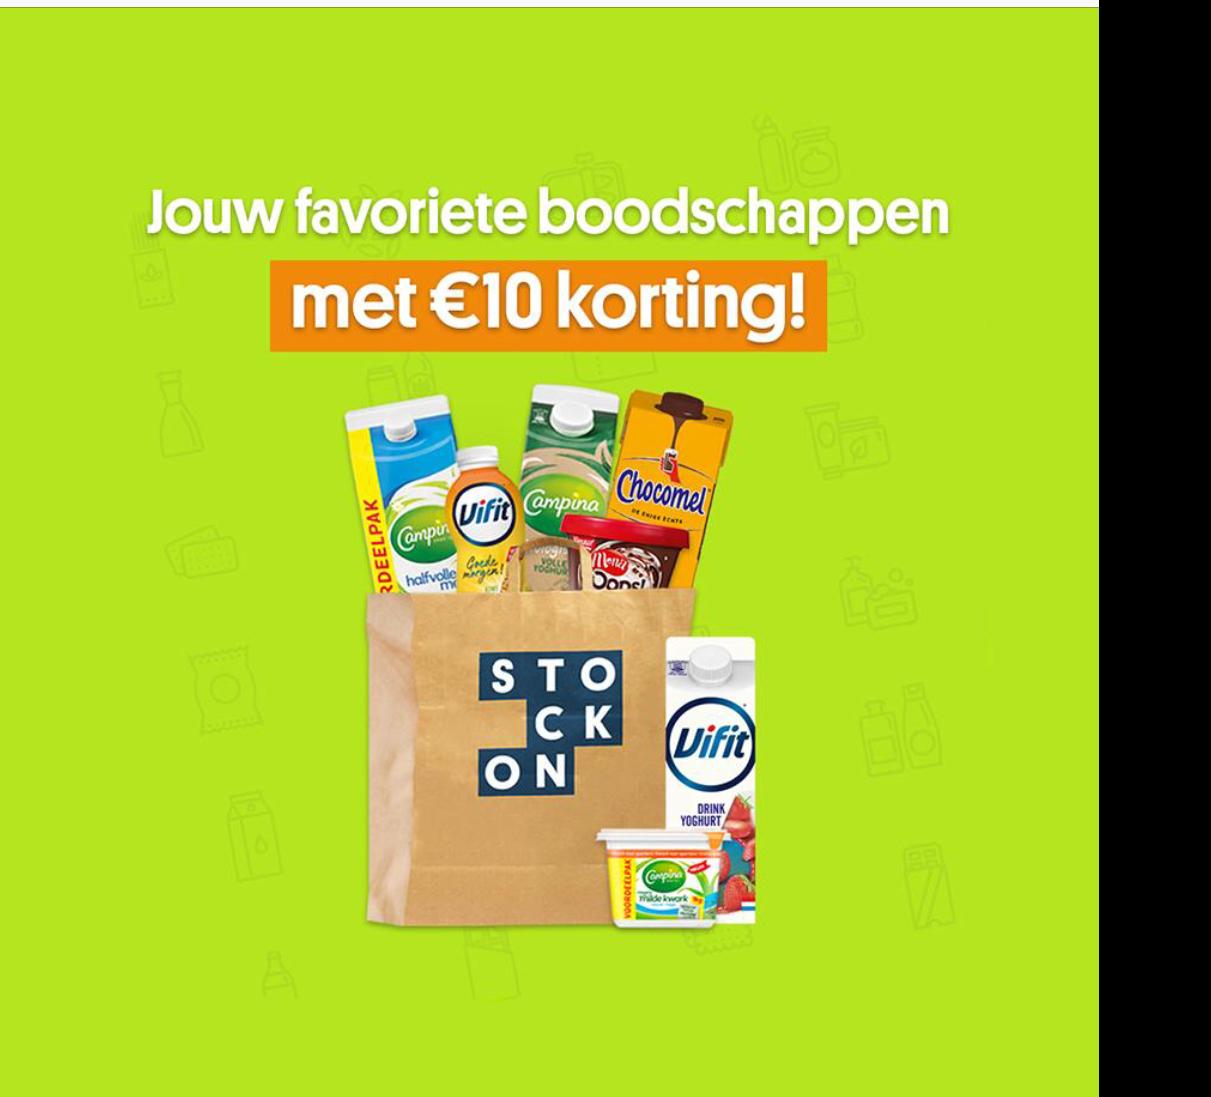 €10;- korting bij Stockon bij € 25,00 alleen nieuwe klanten @ eurosparen